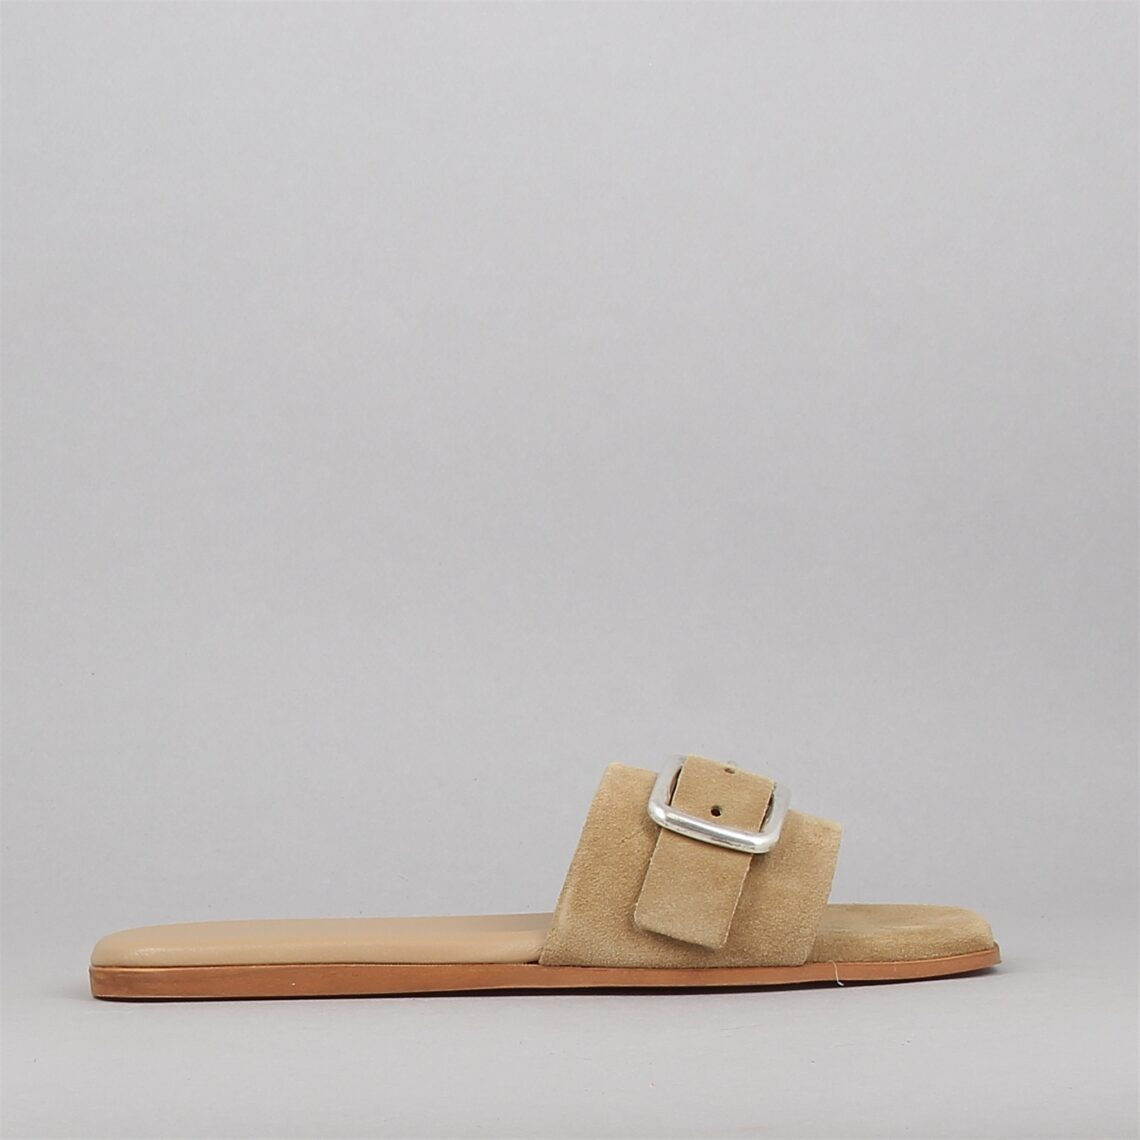 a1-camel-170885122-0.jpg